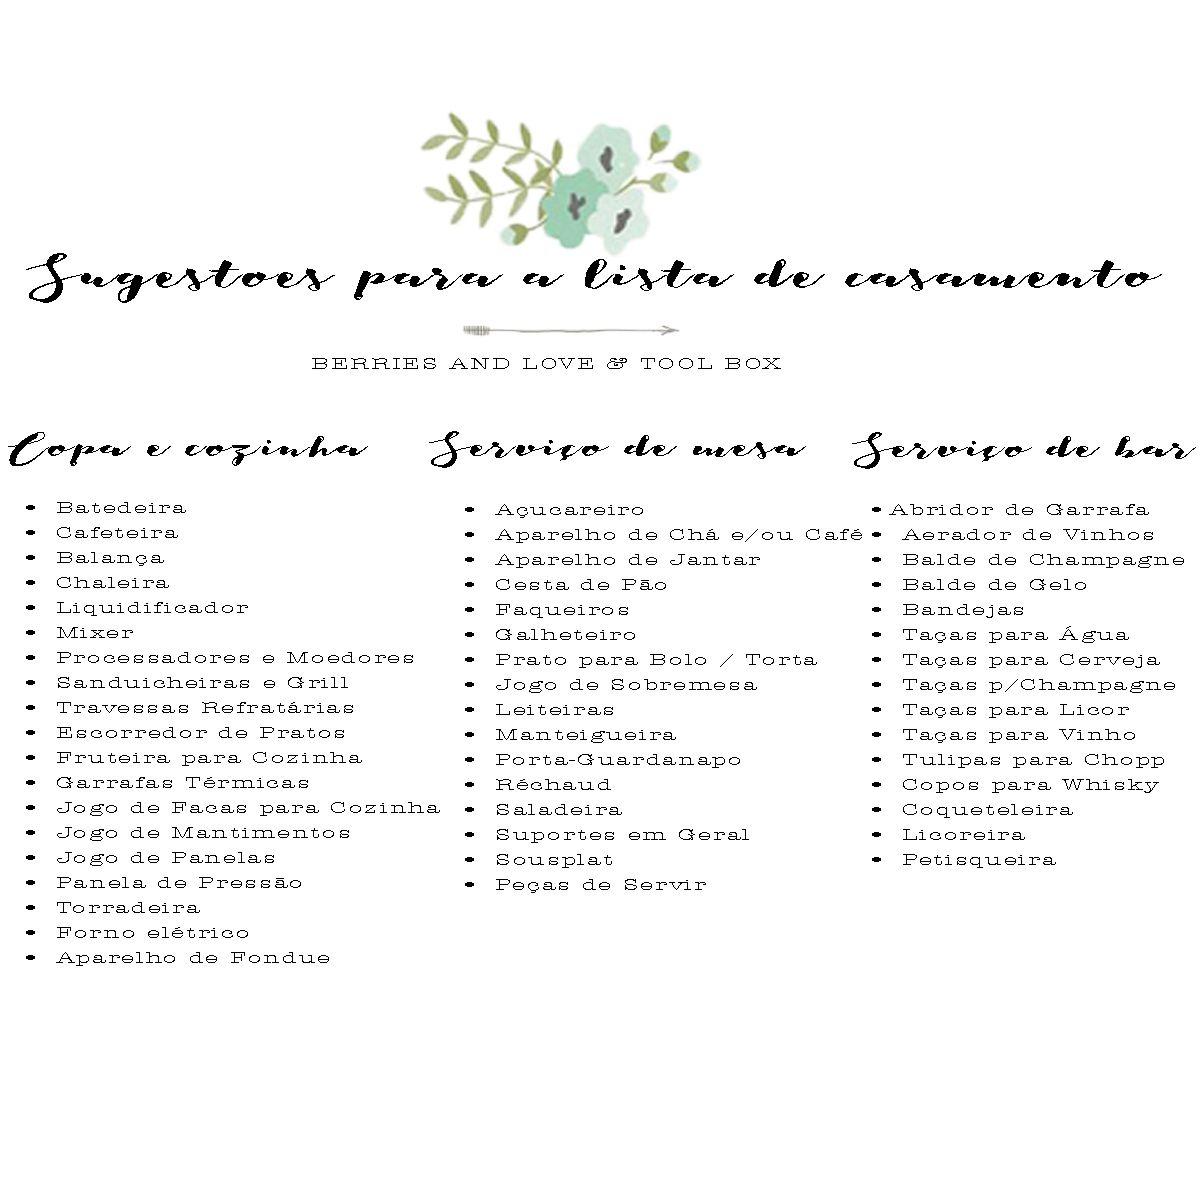 Dicas para montar a lista de casamento - Berries and Love